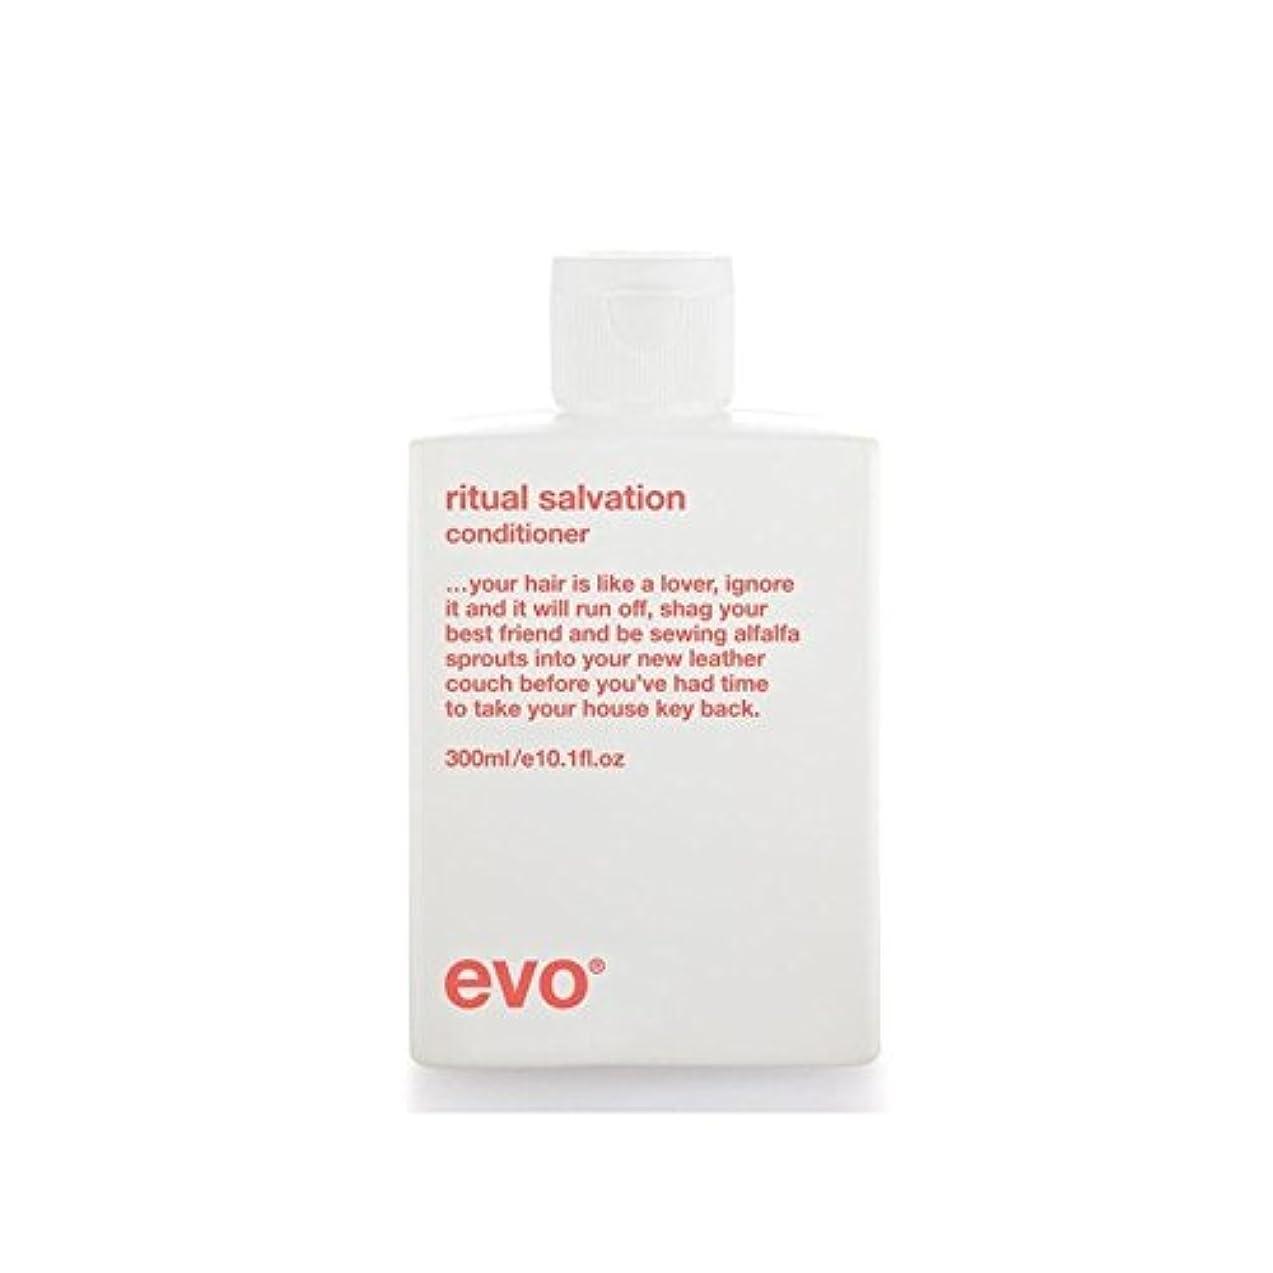 謝罪する活気づく限りなく儀式救いコンディショナー(300ミリリットル) x4 - Evo Ritual Salvation Conditioner (300ml) (Pack of 4) [並行輸入品]